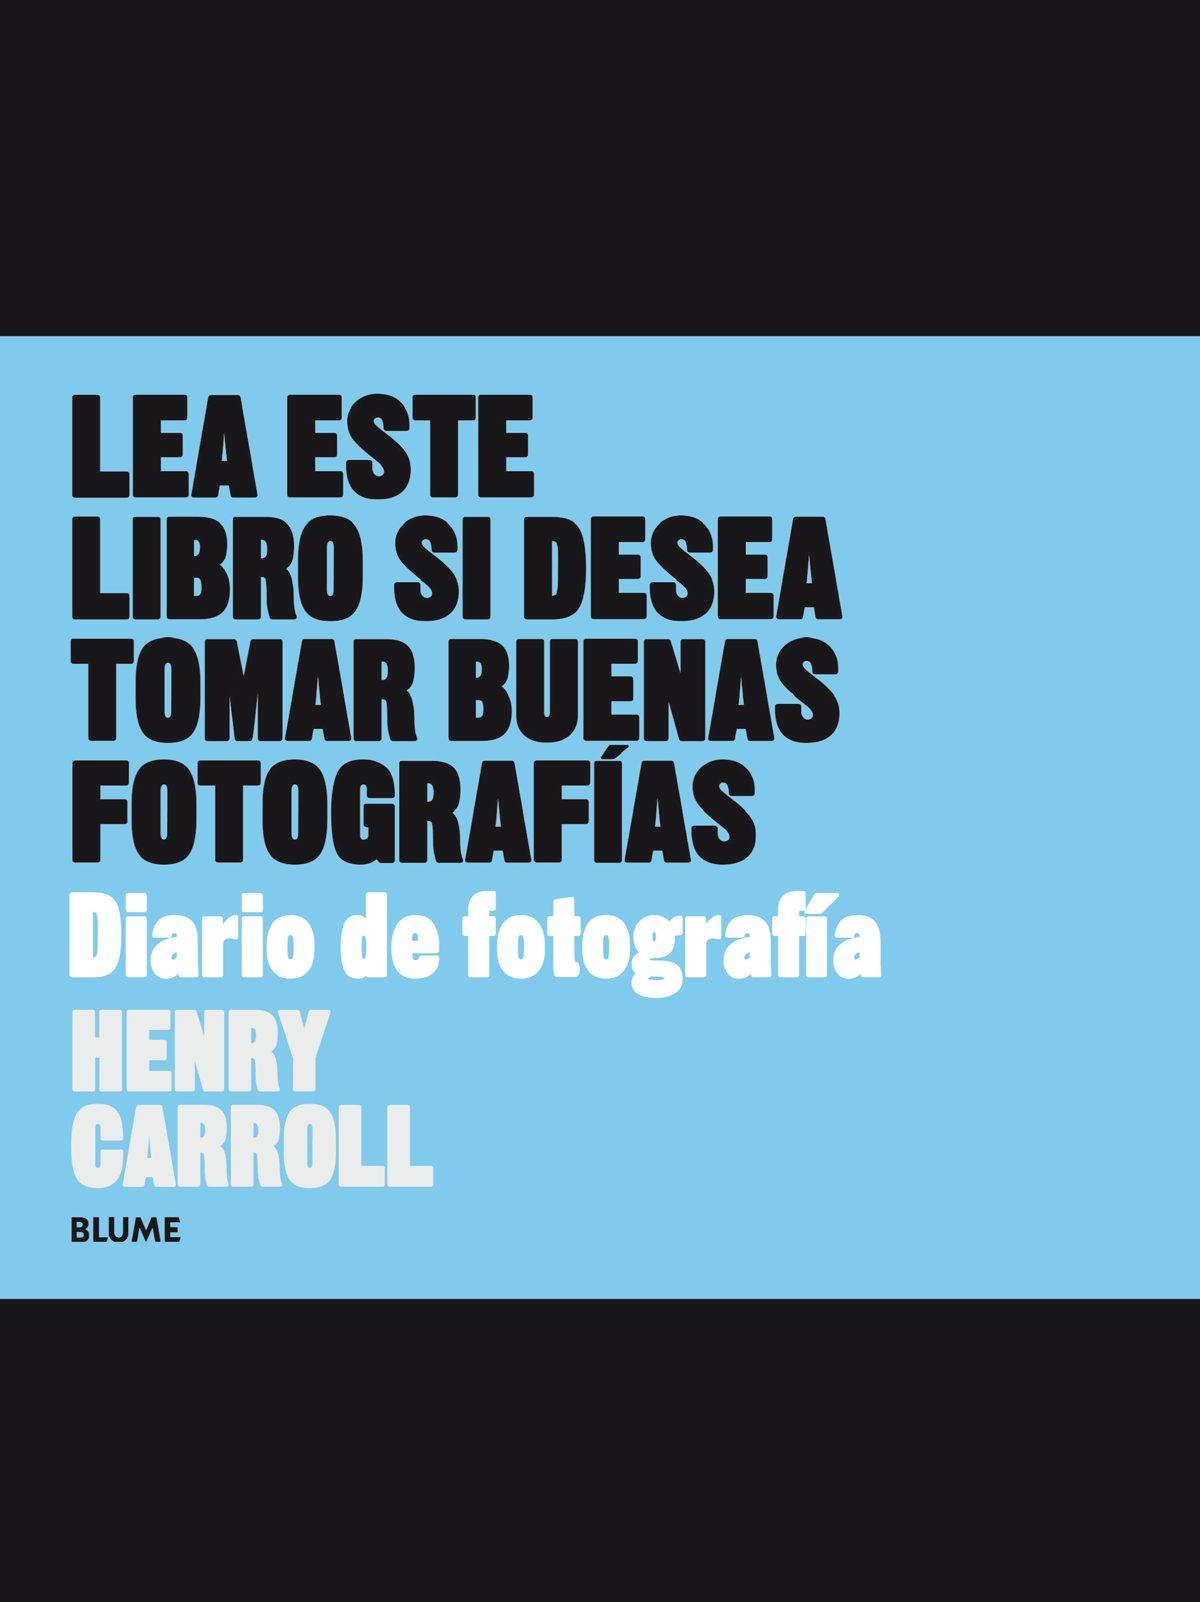 LEA ESTE LIBRO SI DESEA TOMAR BUENAS FOTOGRAFIAS. DIARIO DE ...